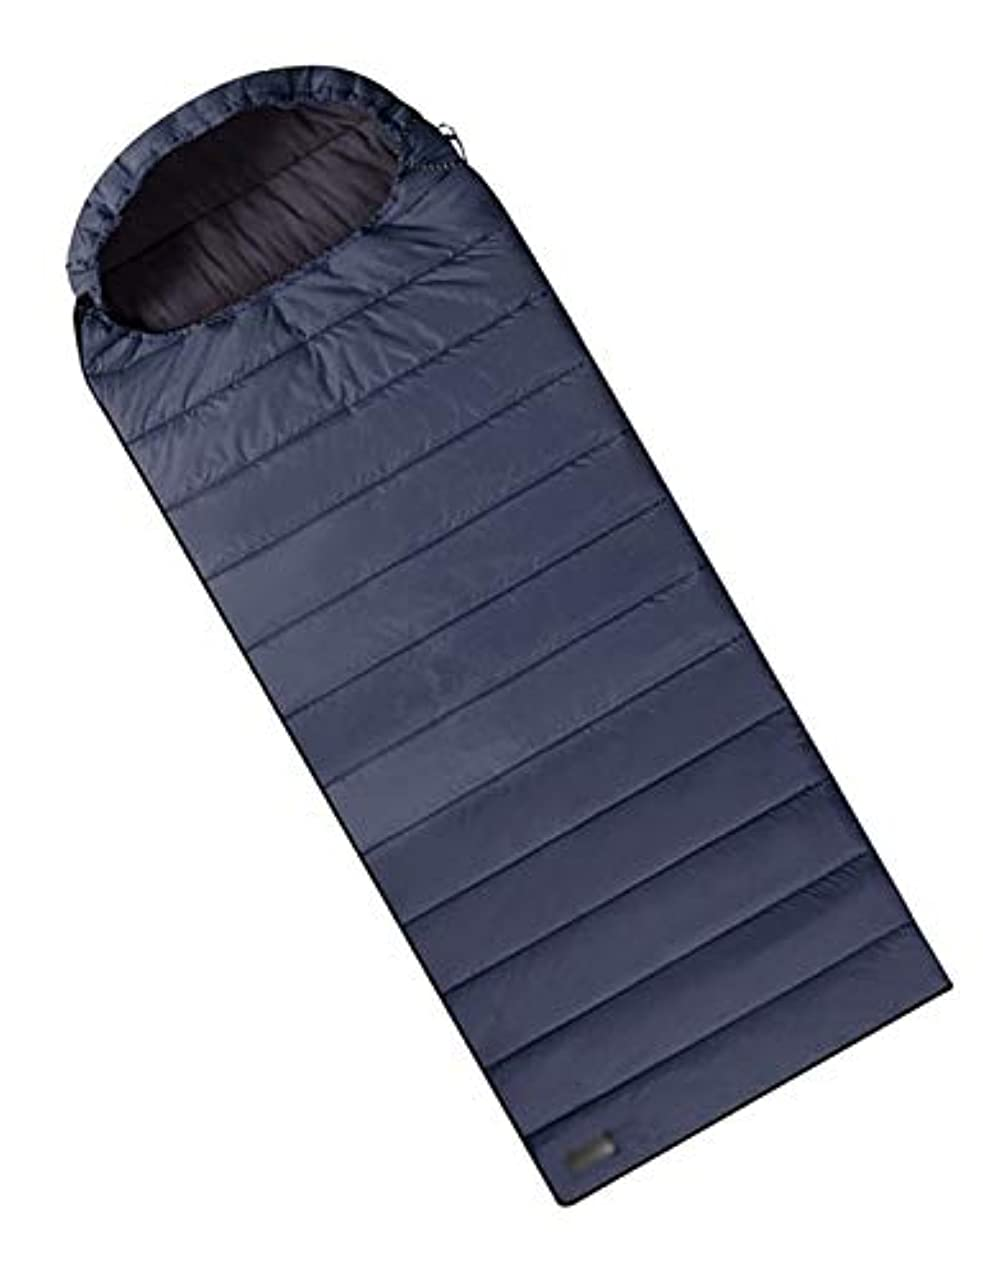 プーノラリーベルモントスリル寝袋、屋外ポータブル大人封筒寝袋、四季のハイキング、暖かい、防汚、防水性と耐久性のある寝袋 (Color : Blue-1.8kg)